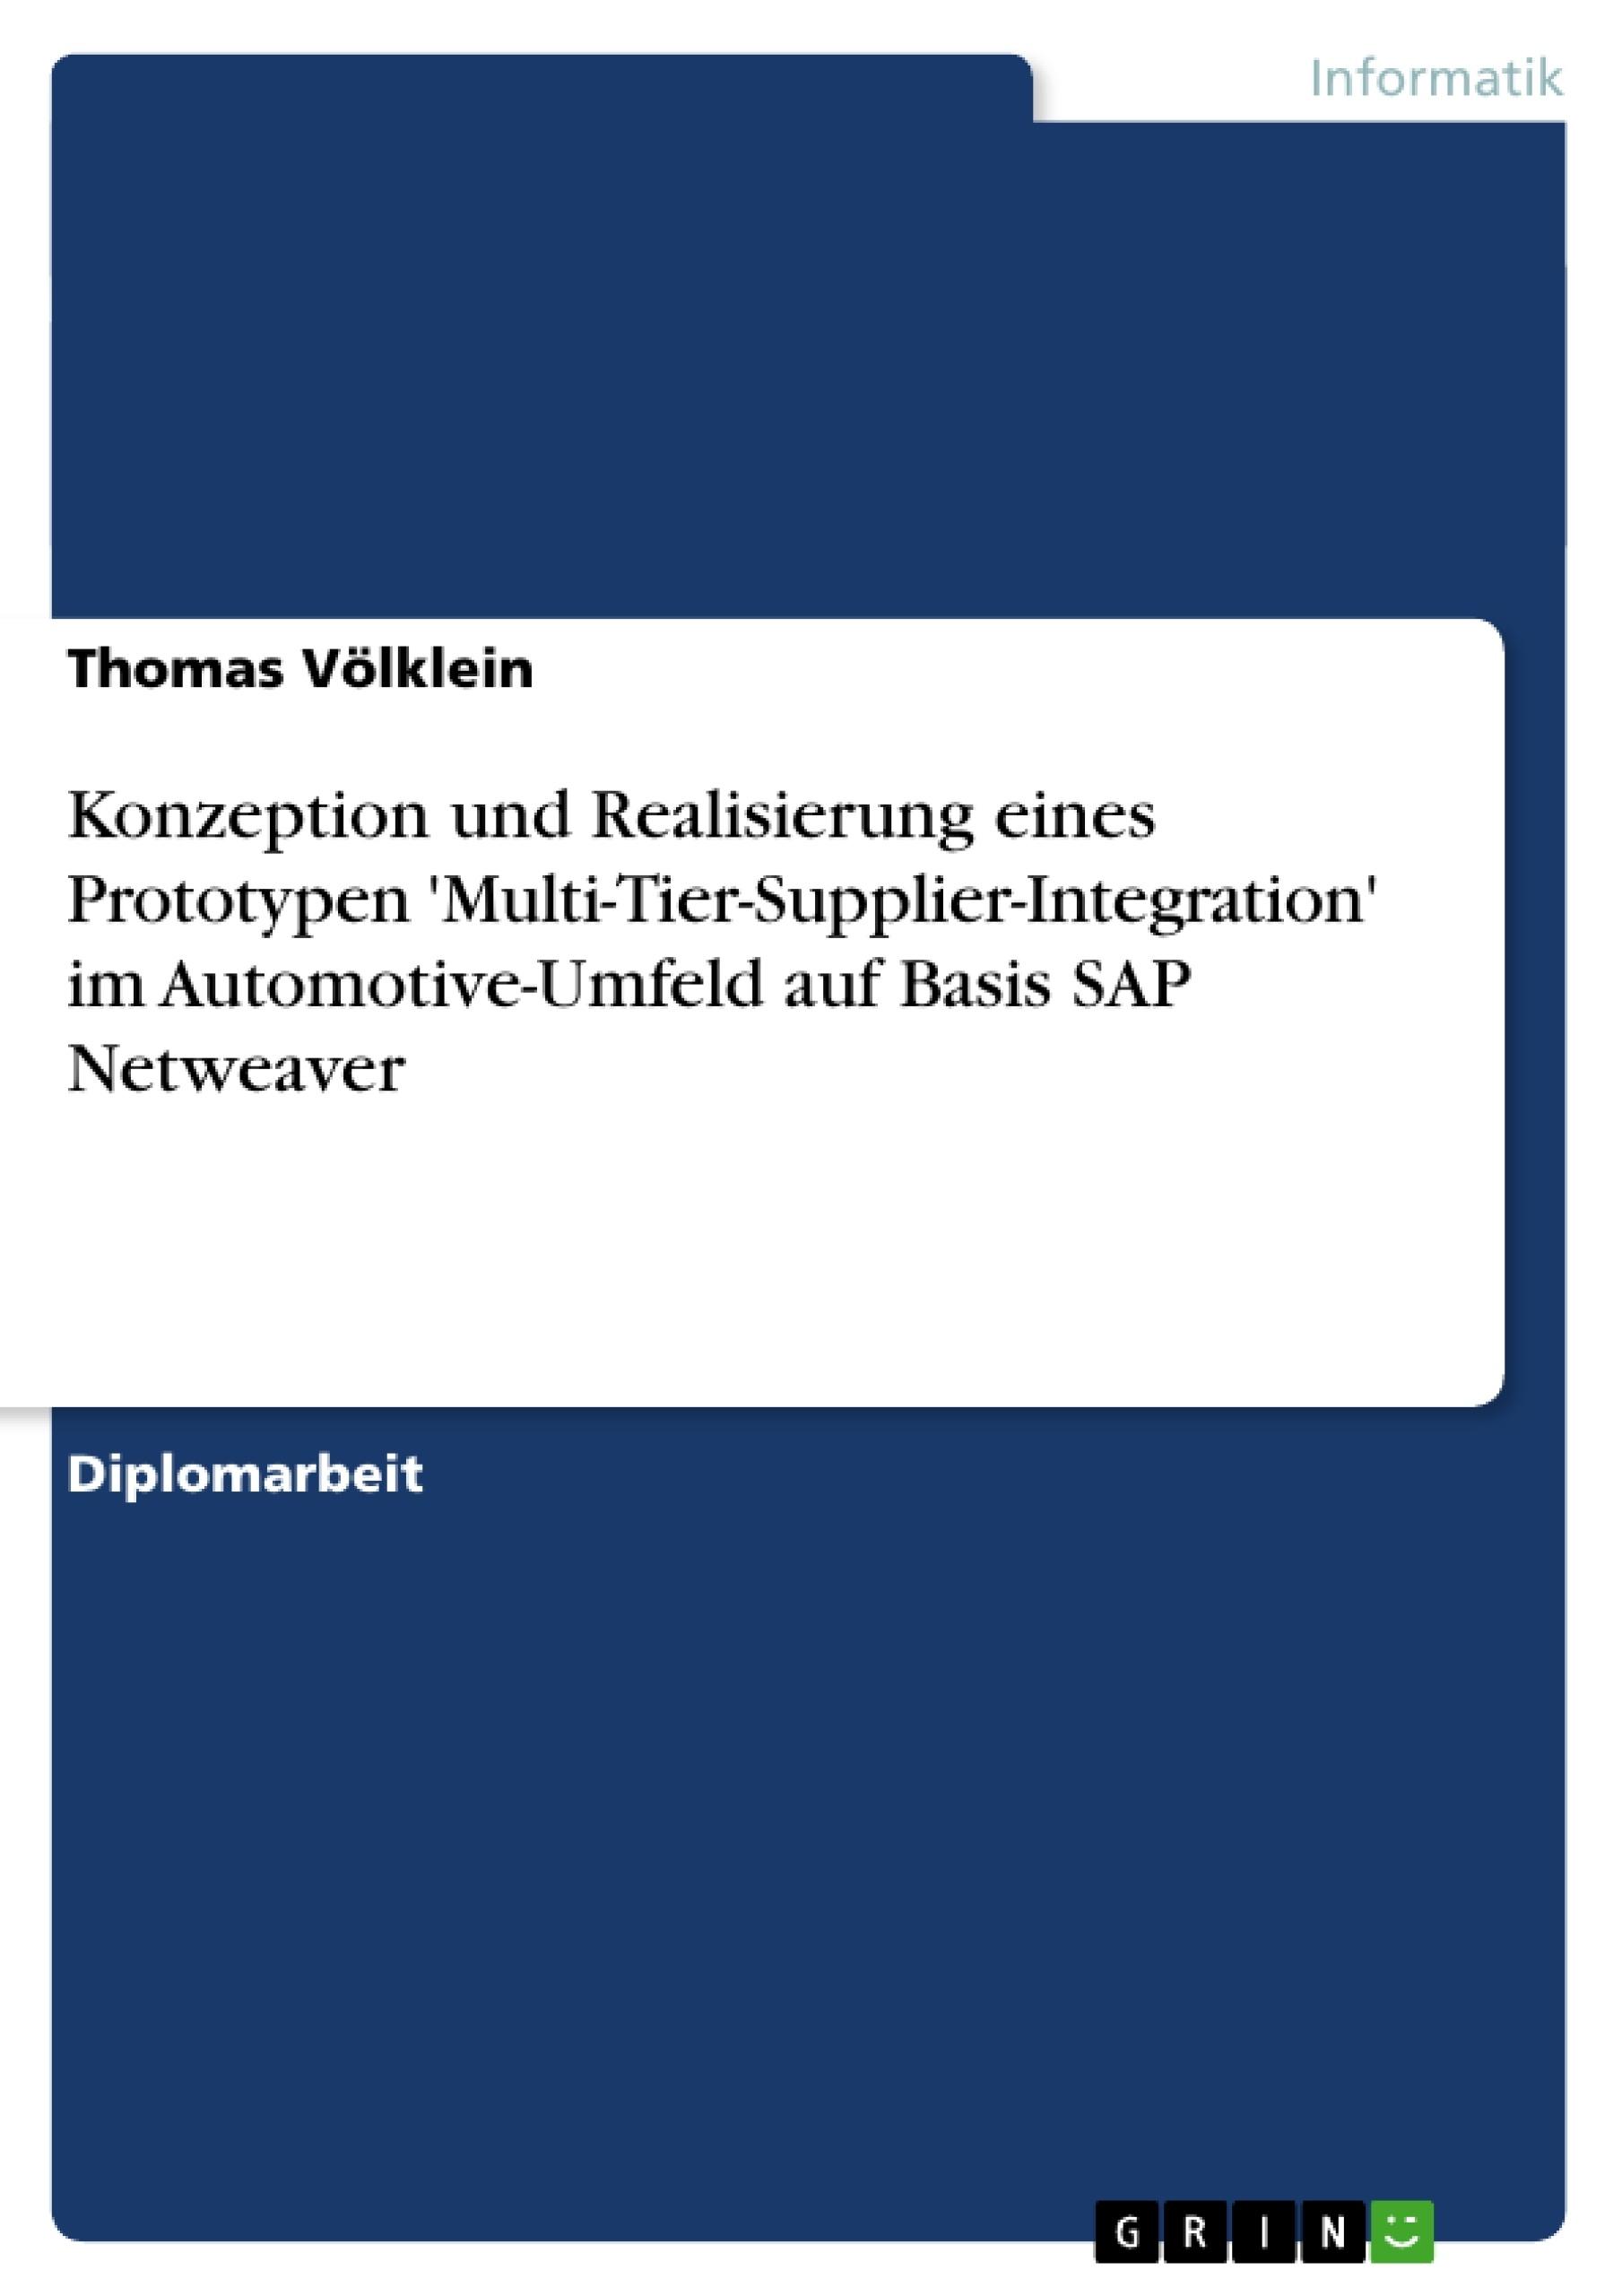 Titel: Konzeption und Realisierung eines Prototypen 'Multi-Tier-Supplier-Integration' im Automotive-Umfeld auf Basis SAP Netweaver